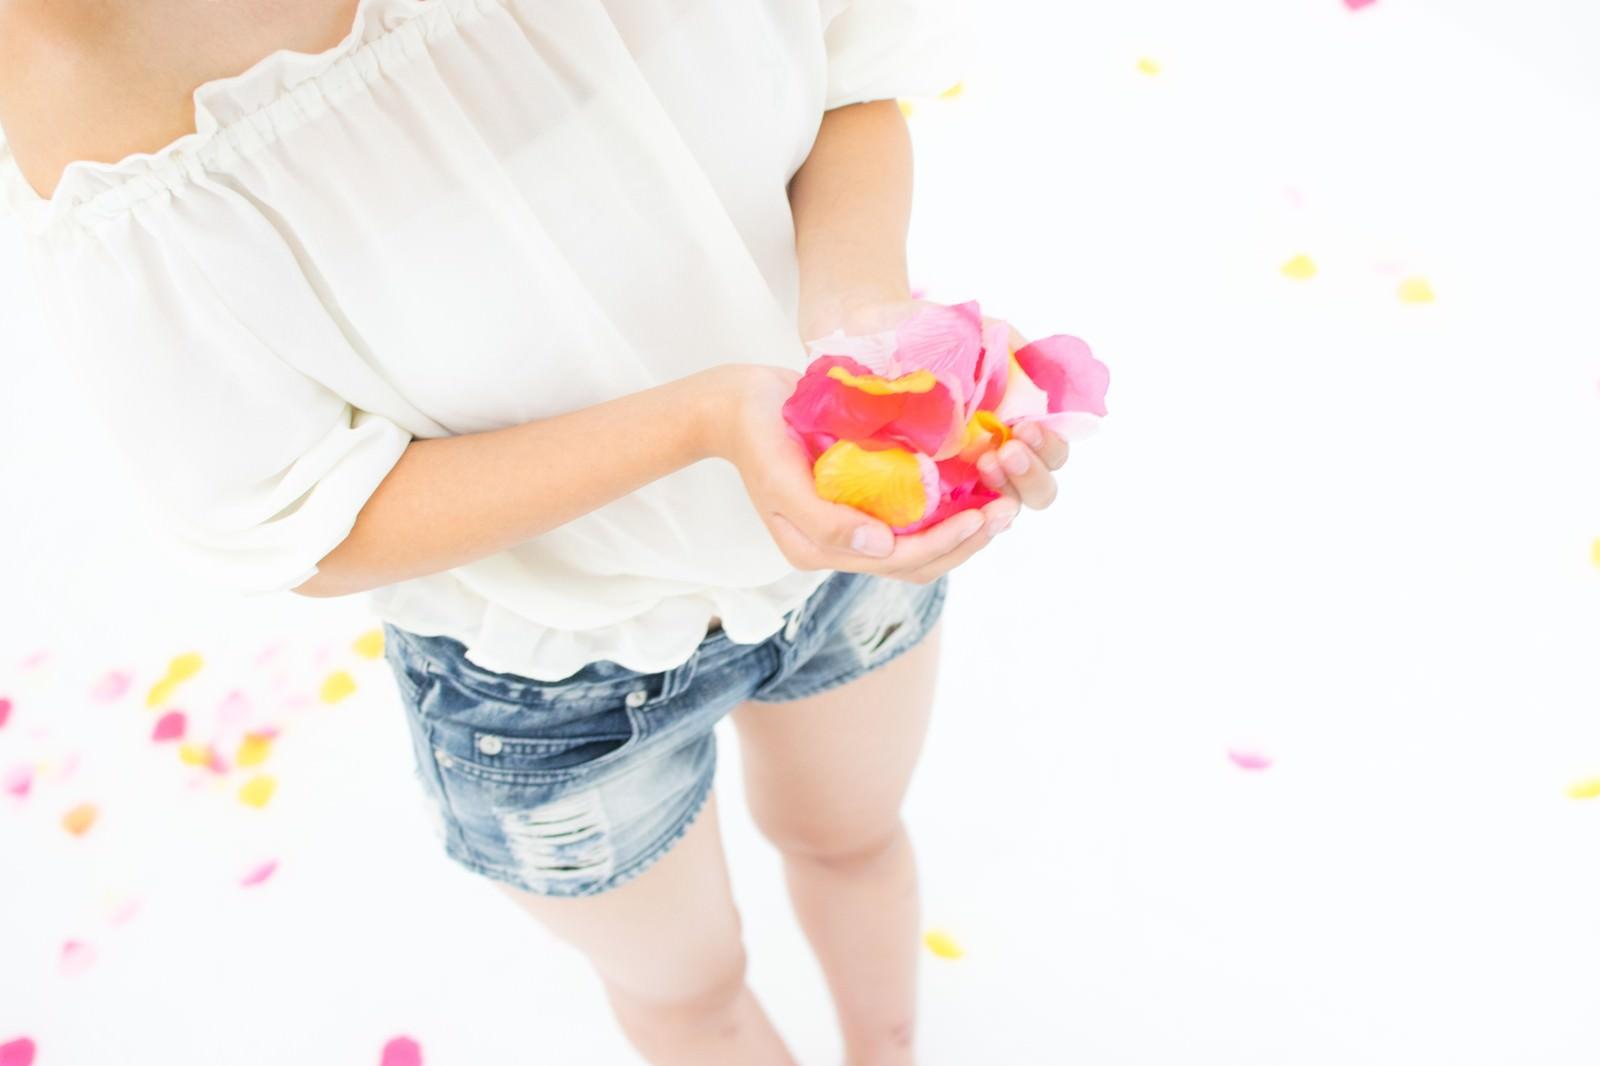 「両手いっぱいに持った花びら」の写真